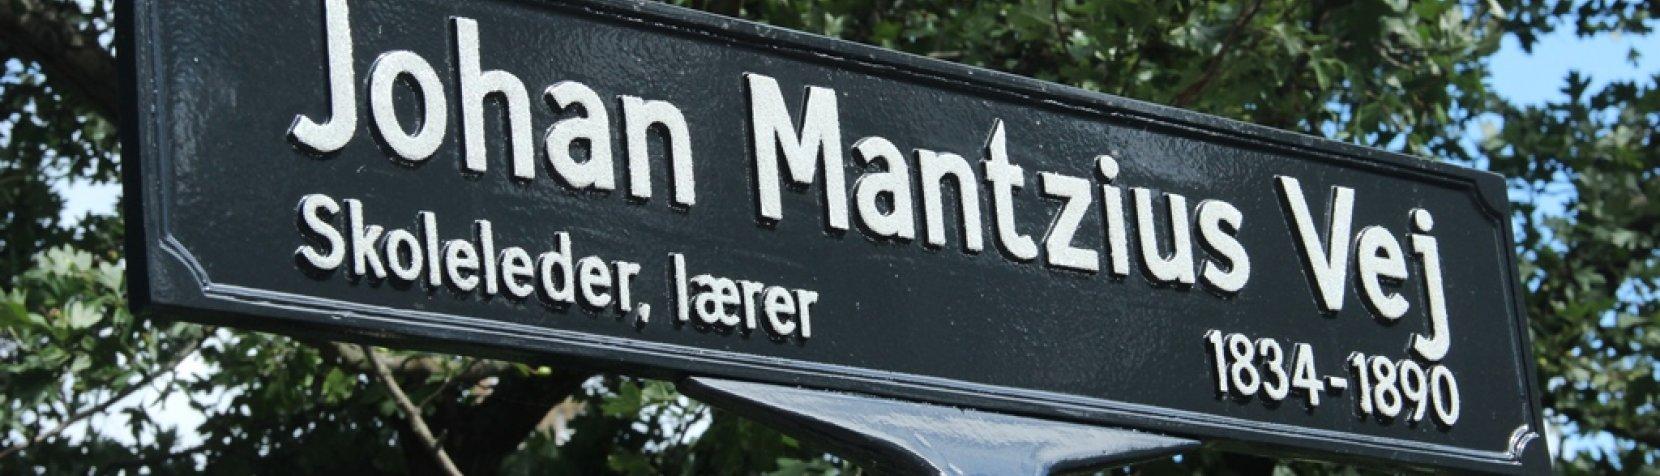 skilt med Johan Mantzius Vej